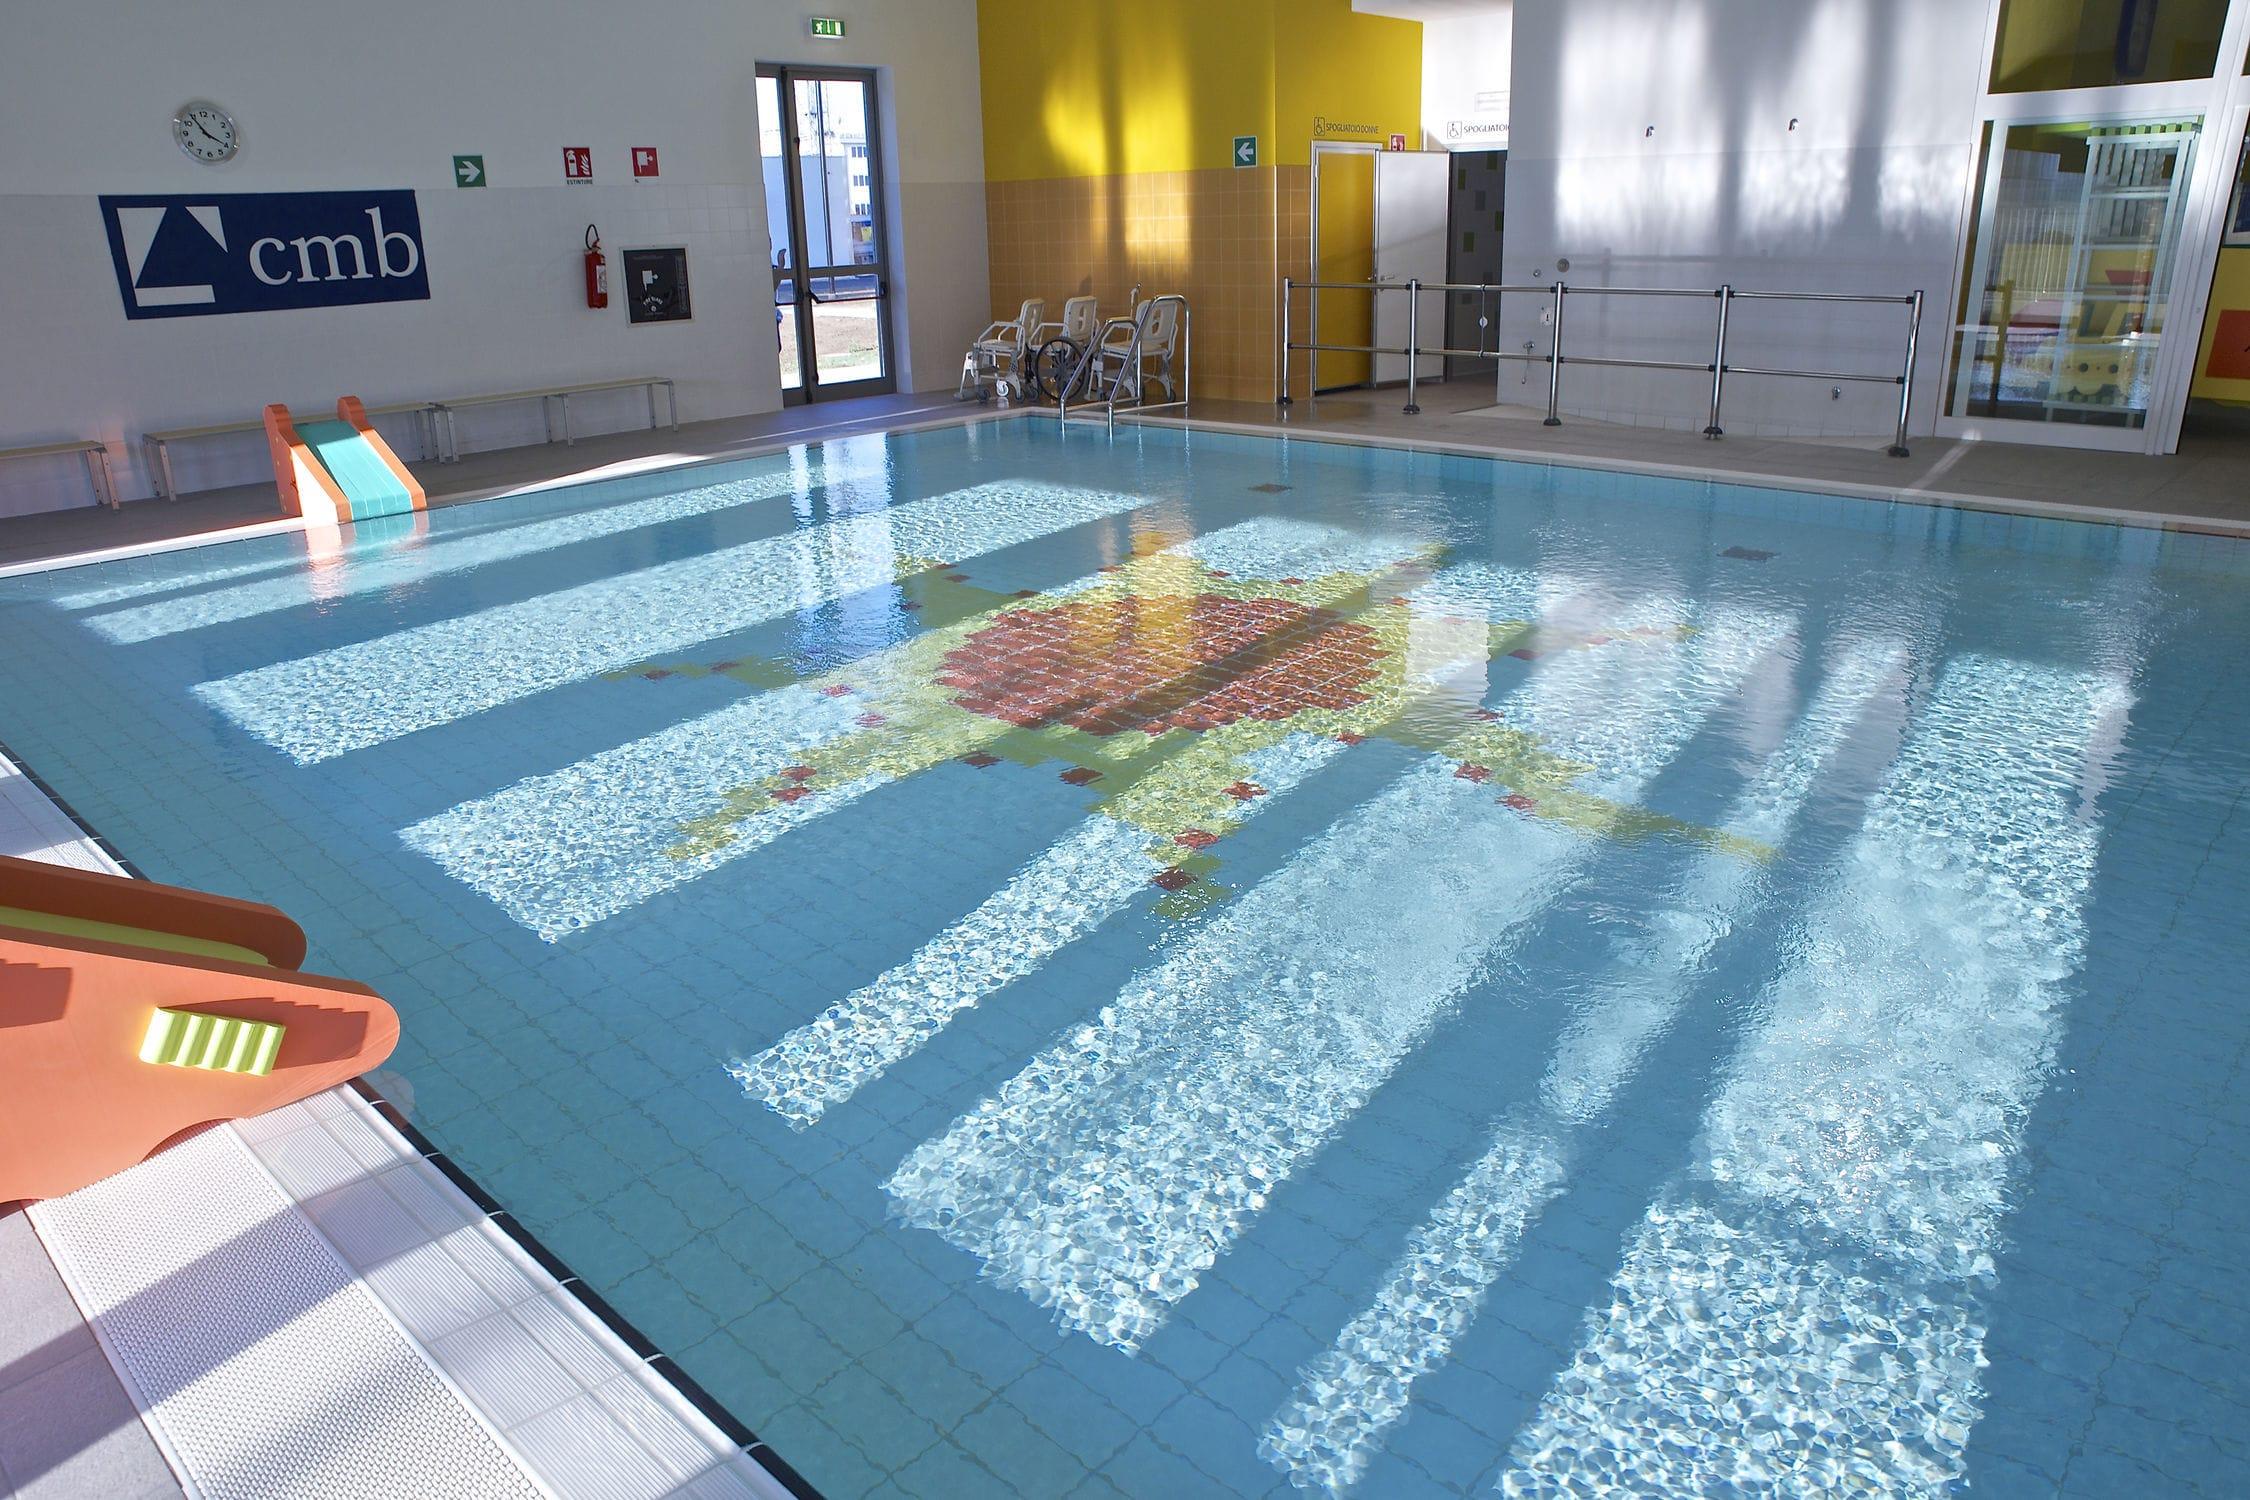 Piastrella per piscina per pavimento in gres porcellanato a